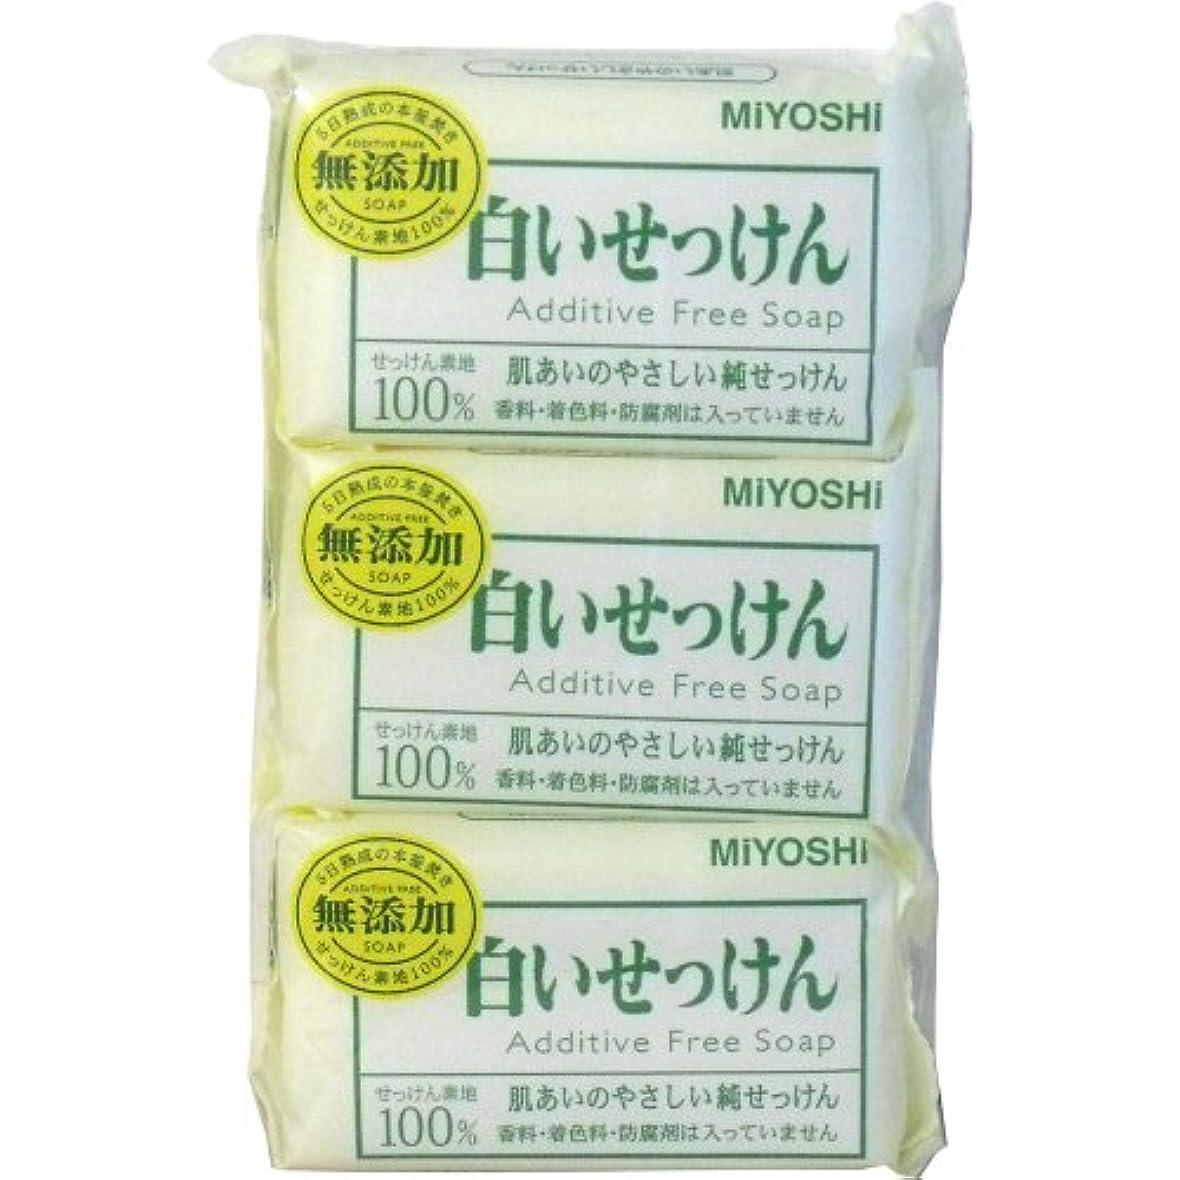 追い付く残酷なヘロイン【ミヨシ】ミヨシ 無添加 白いせっけん 108g×3個入 ×10個セット